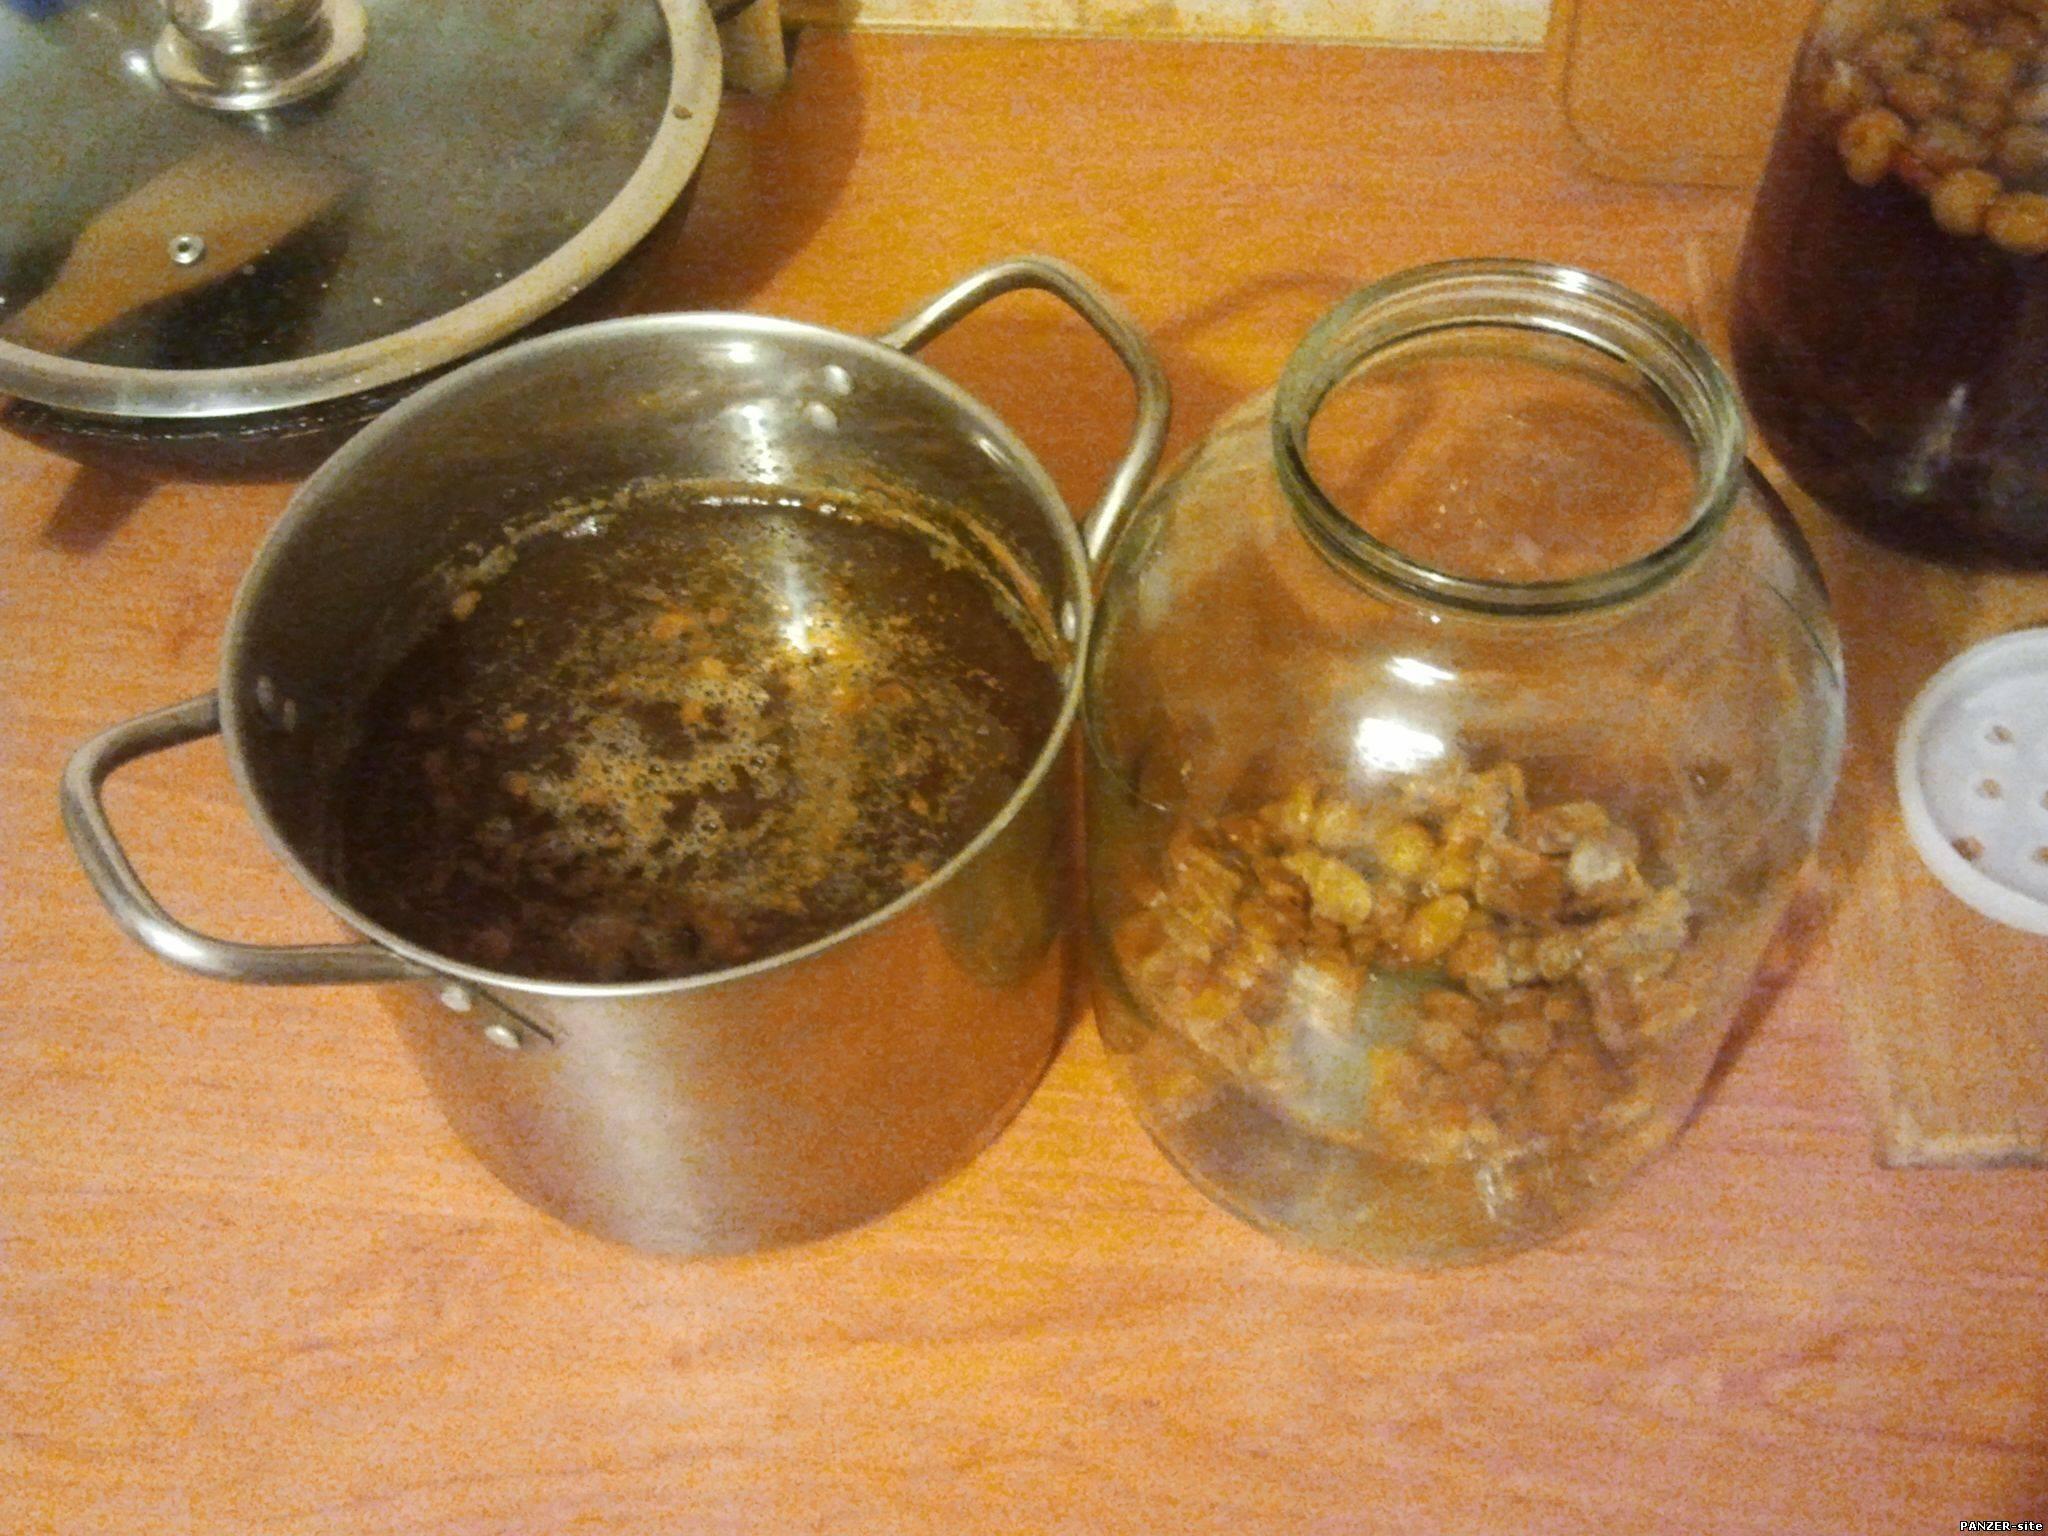 Рецепт приготовления настоящей медовухи в домашних условиях